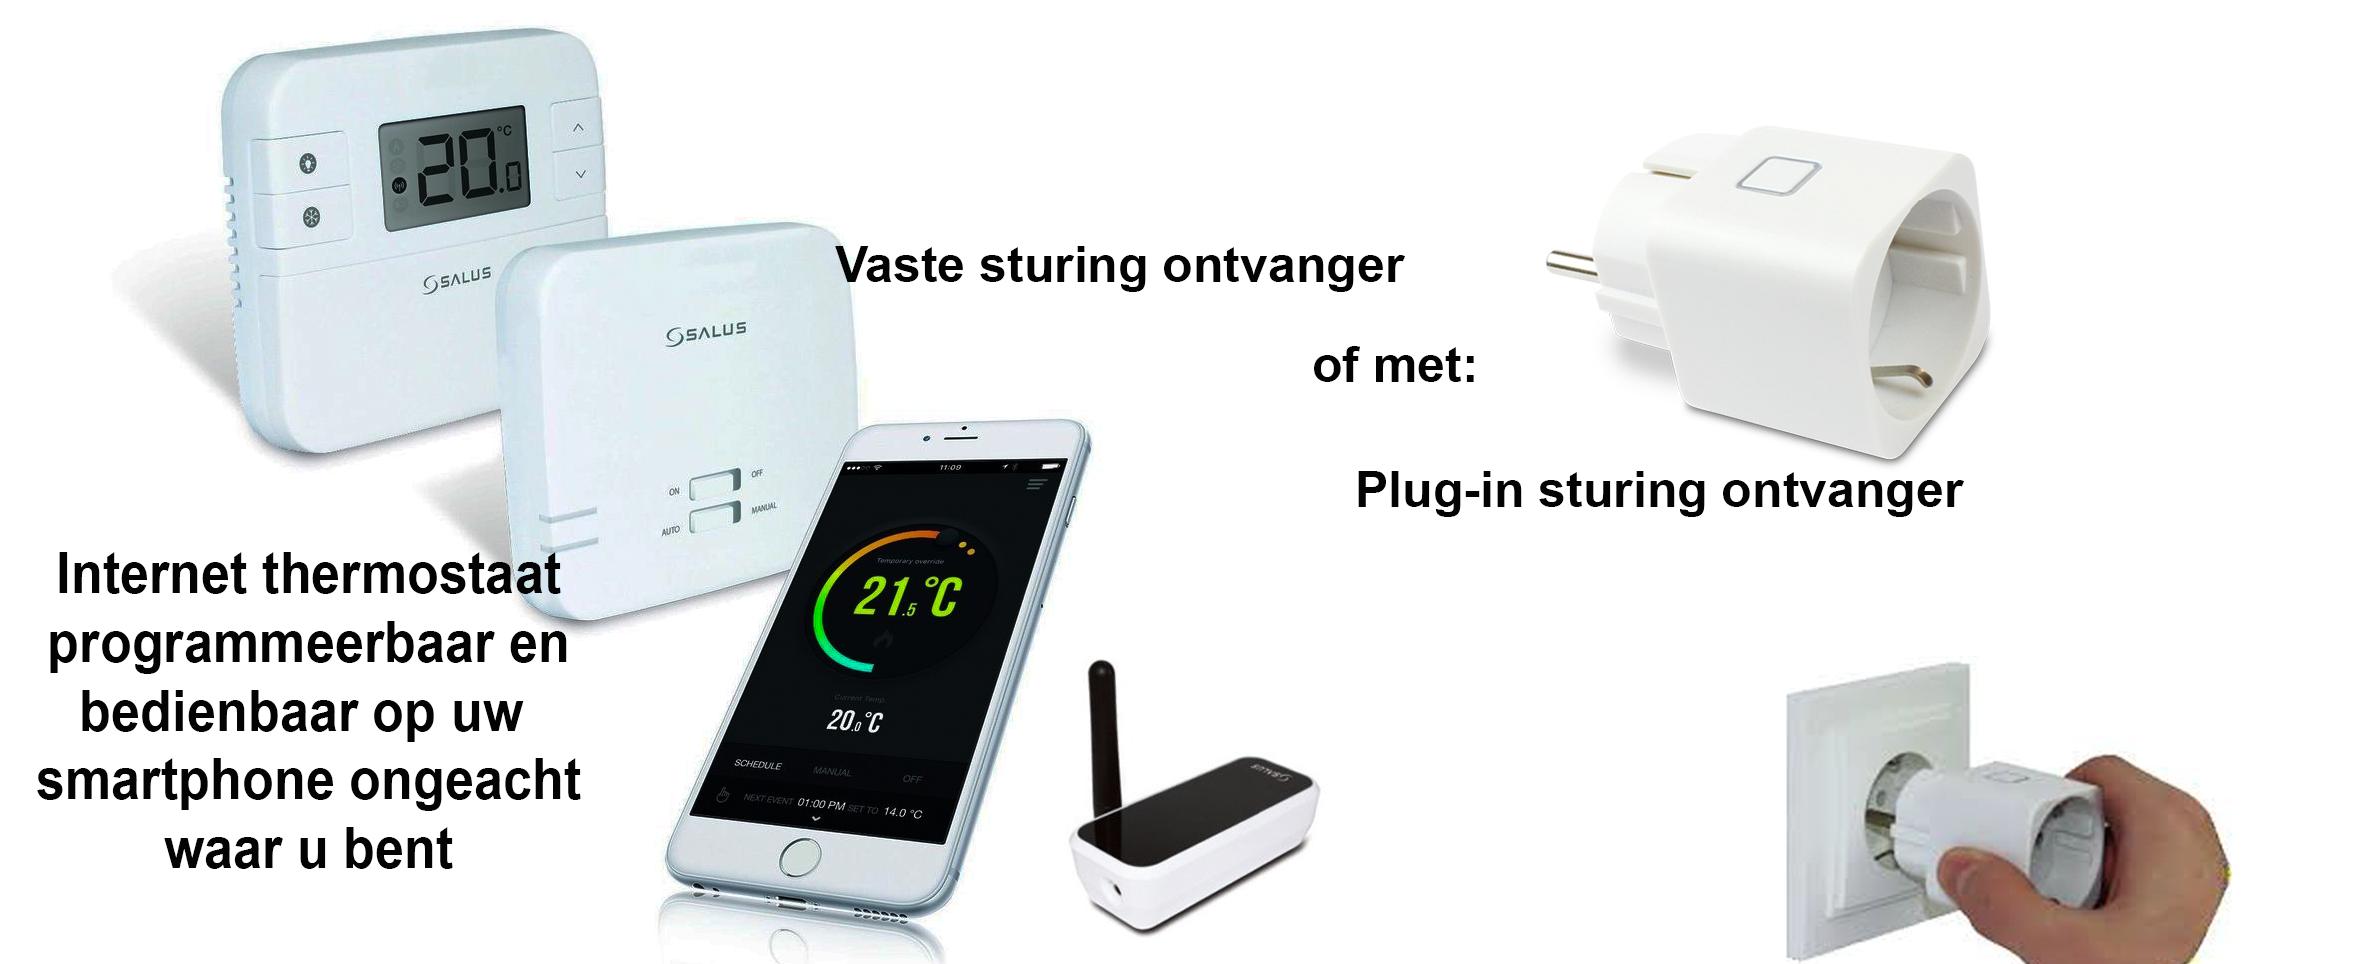 Internet thermostaat met plug-in en vast